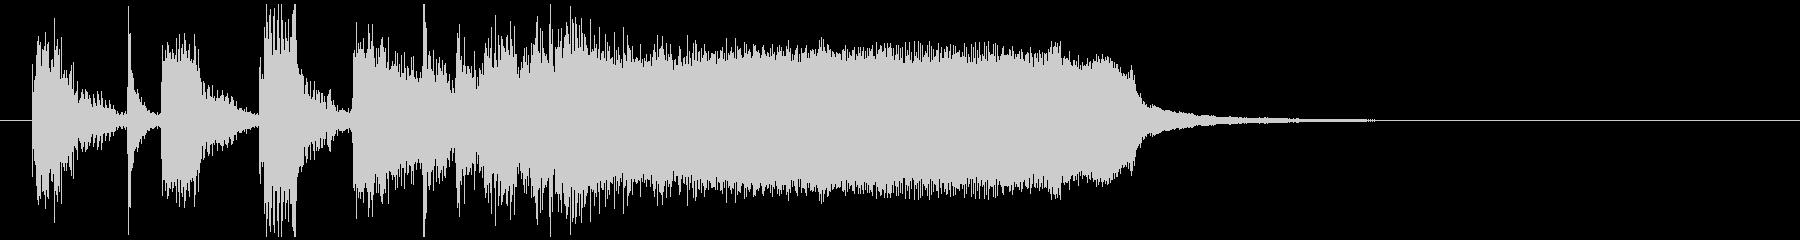 ソリッドなフュージョン系サウンドロゴの未再生の波形